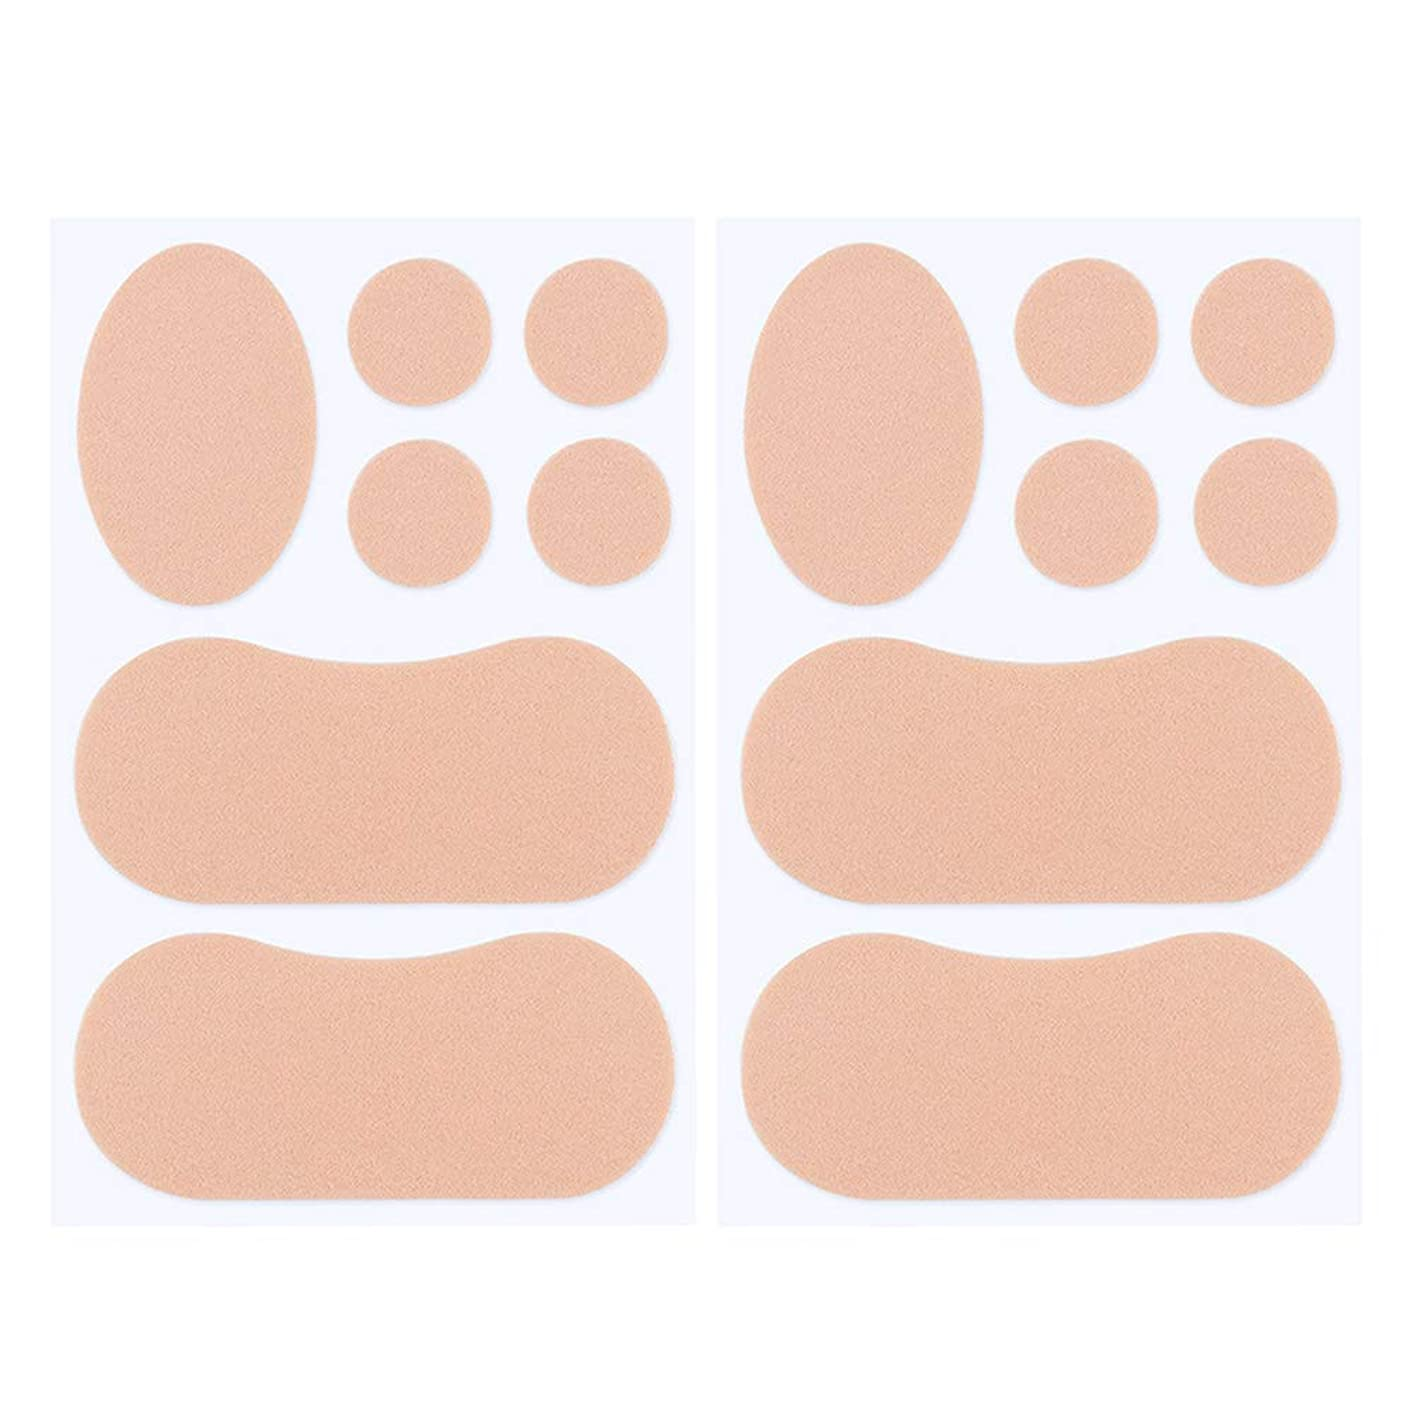 自発業界Frcolor 2セット靴ずれ防止 ヒールステッカー つま先プロテクター フットケア